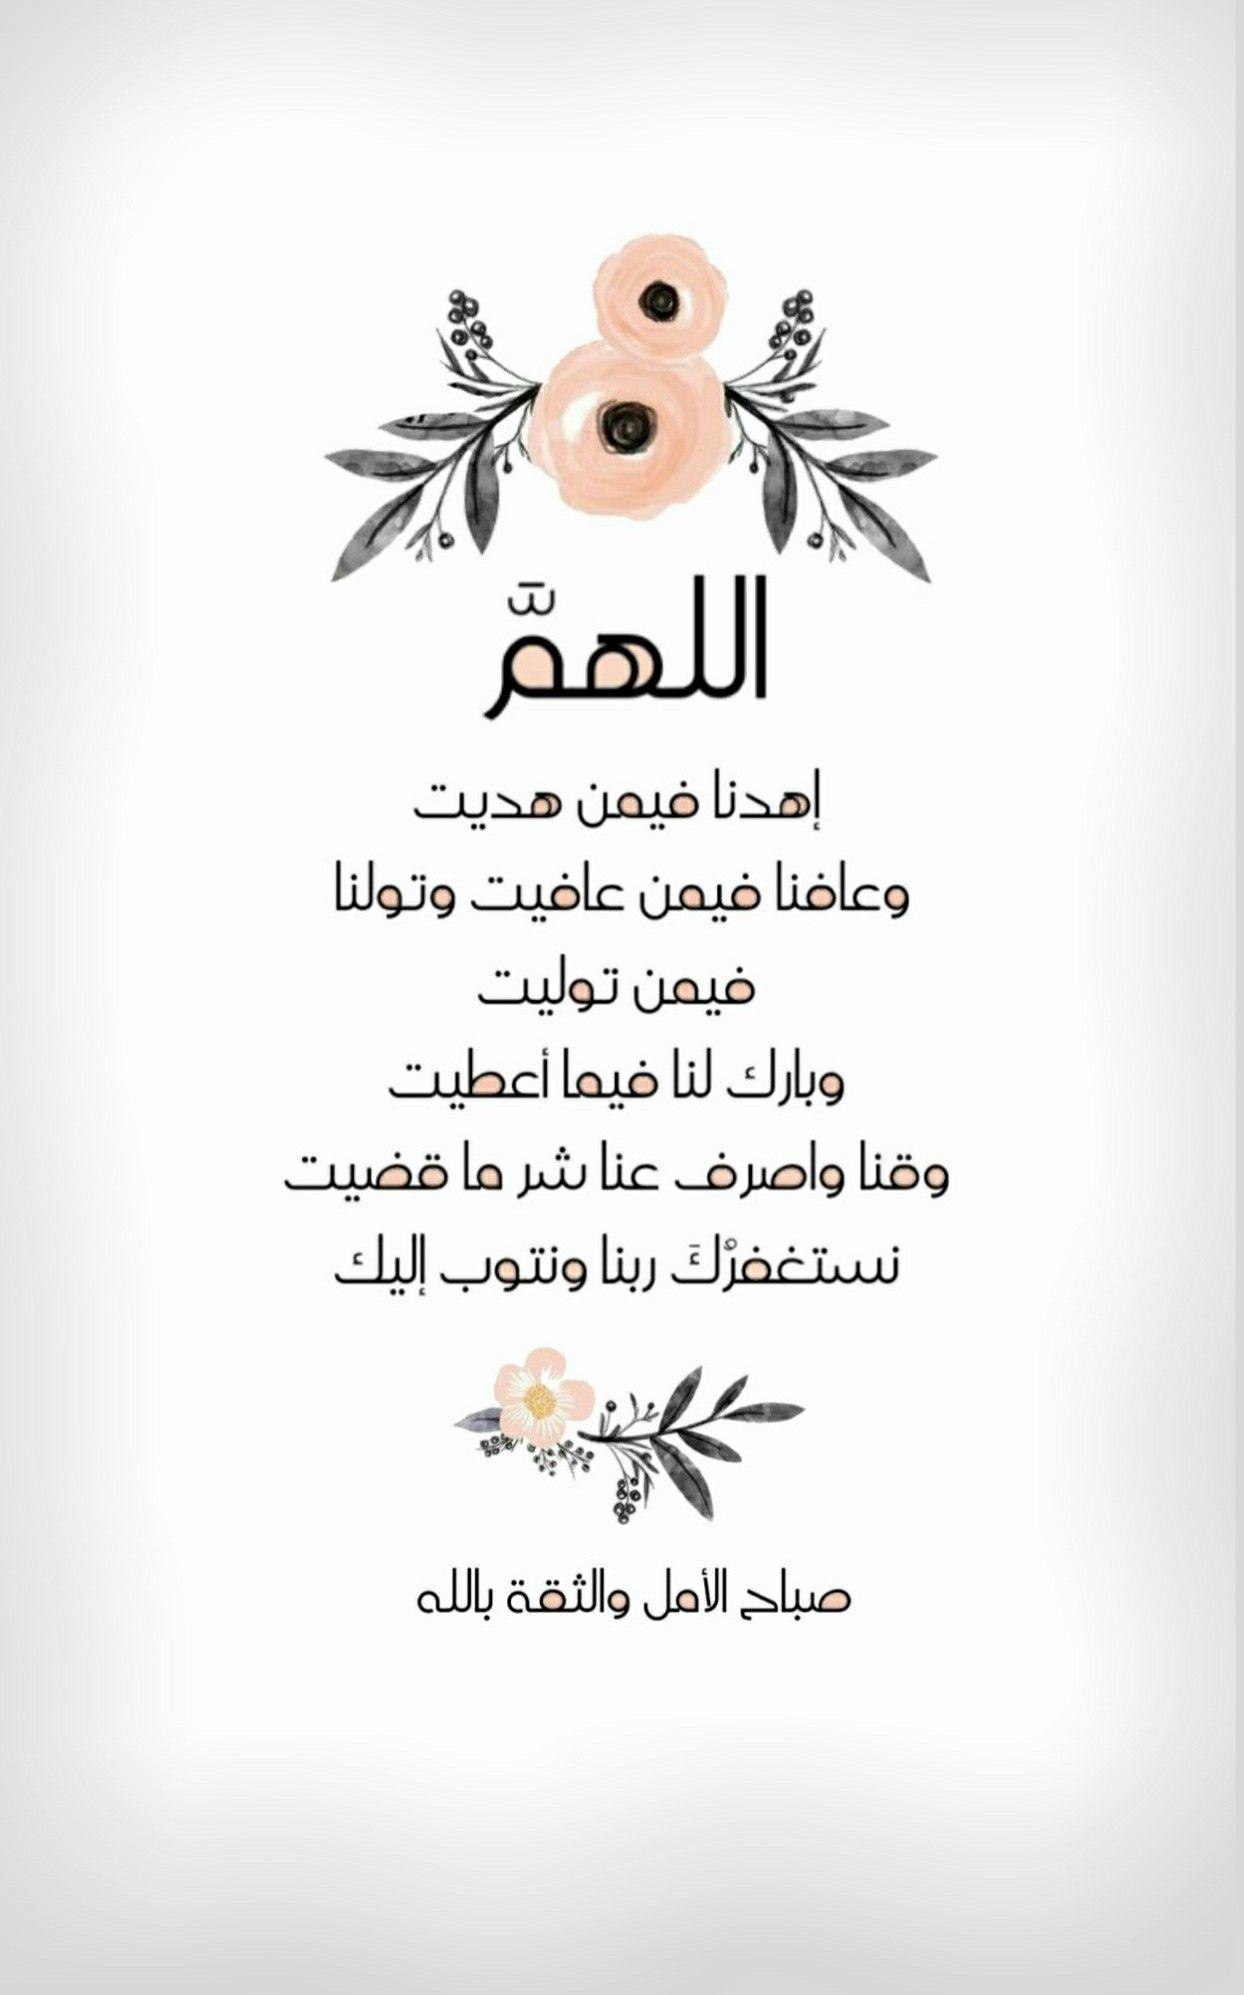 الله م إهدنا فيمن هديت وعافنا فيمن عافيت وتولنا فيمن توليت وبارك لنا فيما أعطيت وقنا واصرف عنا شر ما Islam Facts Islamic Love Quotes Good Morning Arabic